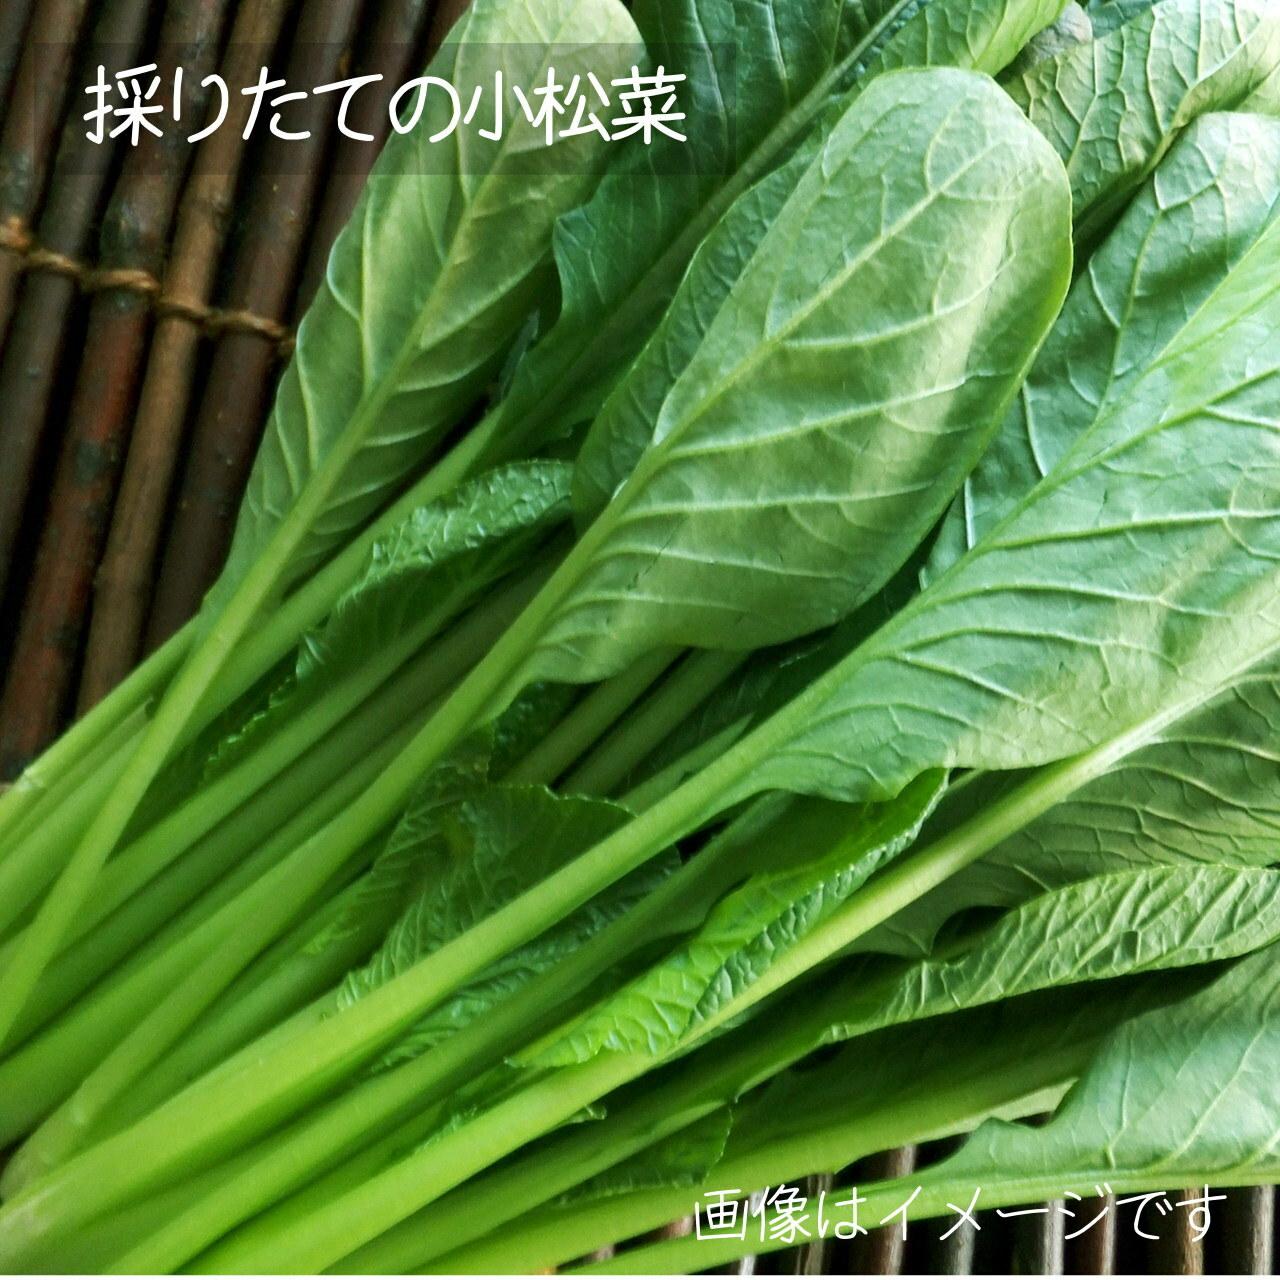 小松菜 約200g : 6月の朝採り直売野菜 春の新鮮野菜 6月13日発送予定